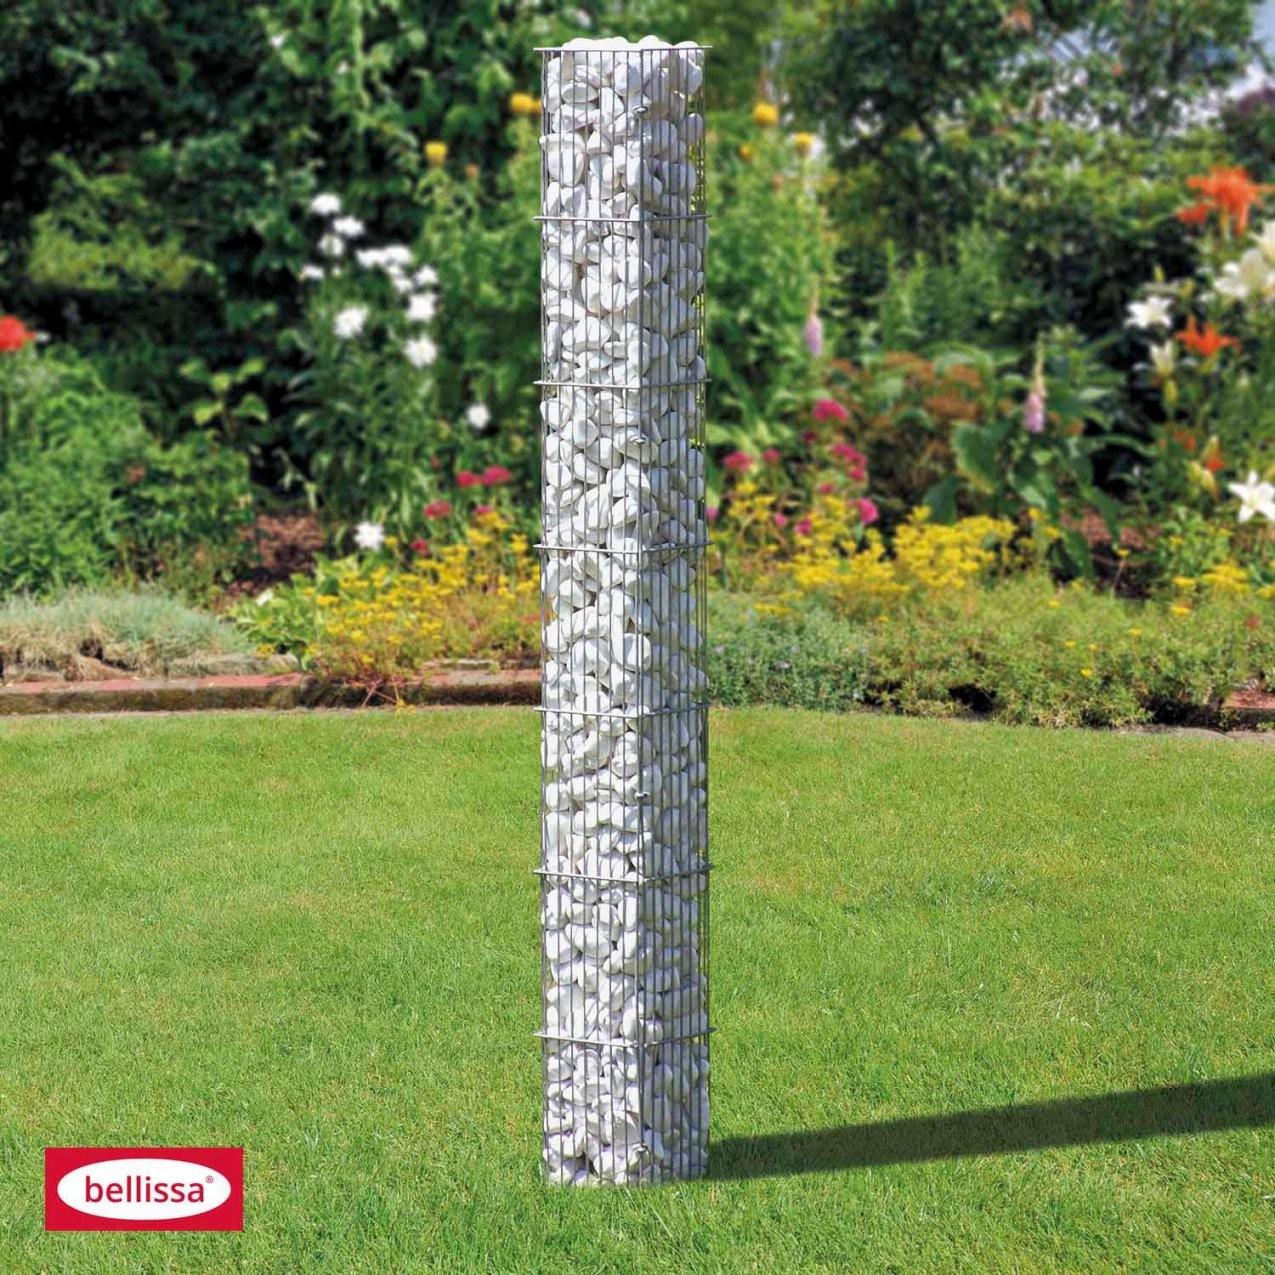 Gabionensteinsäule Eckig 175 Cm X 20 Cm X 20 Cm Kaufen Bei Obi von Steinsäule Garten Photo